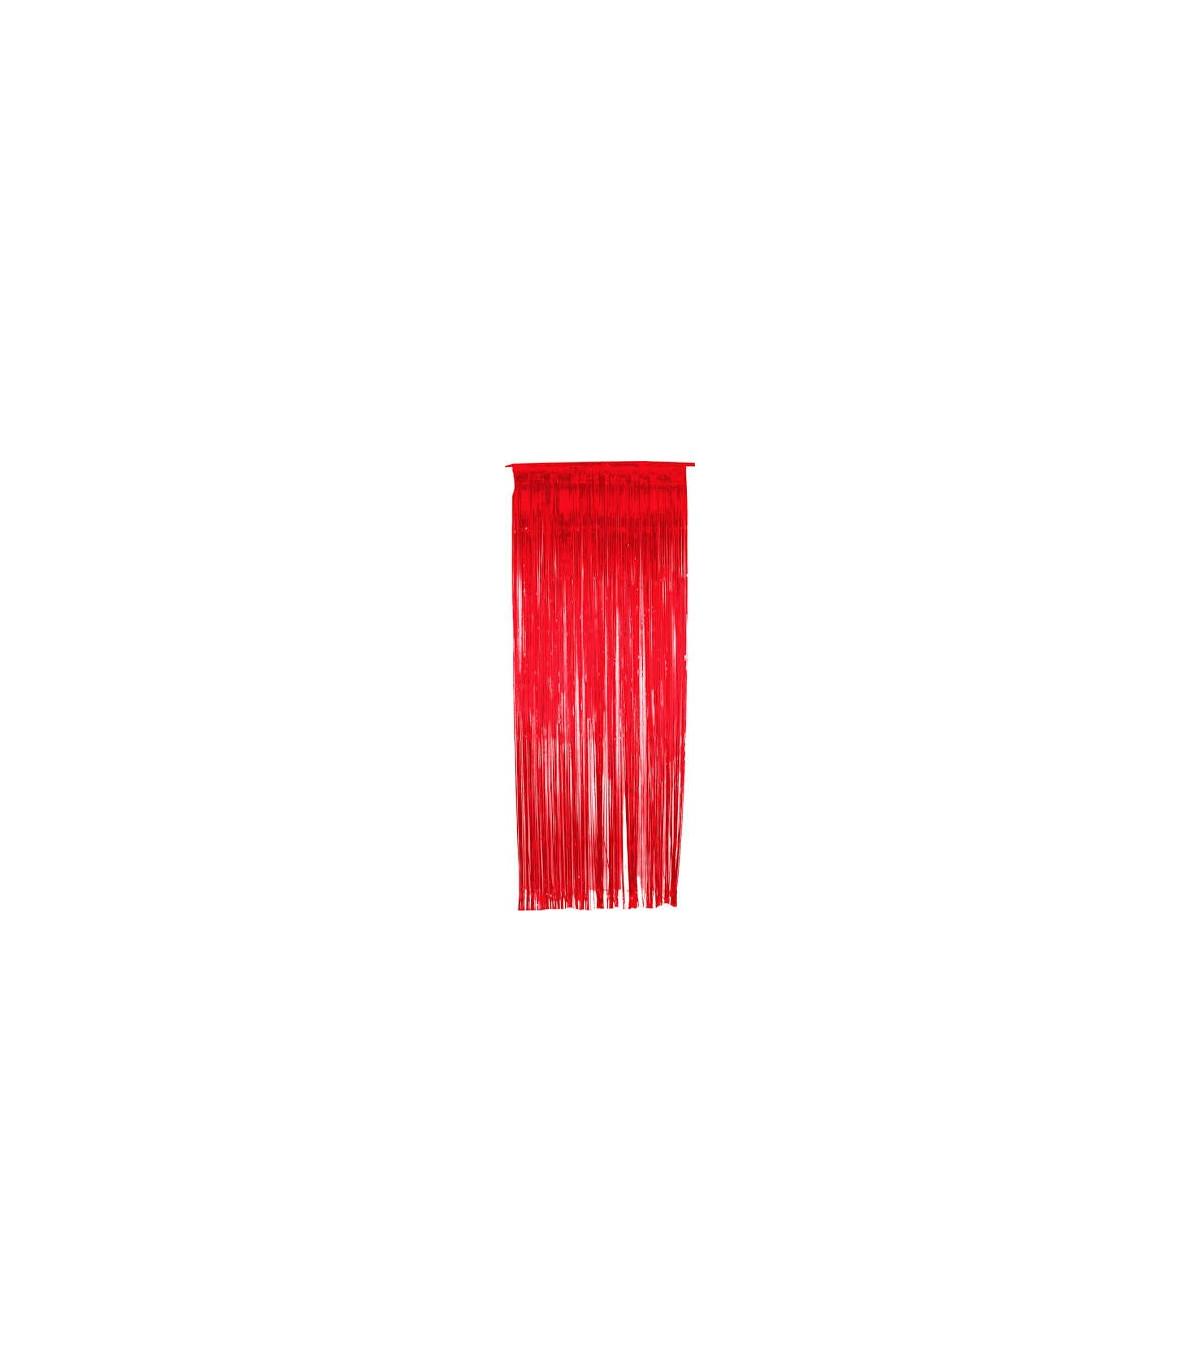 Rideau Scintillant Rouge 92 Cm X 245 Cm Couleur Rouge